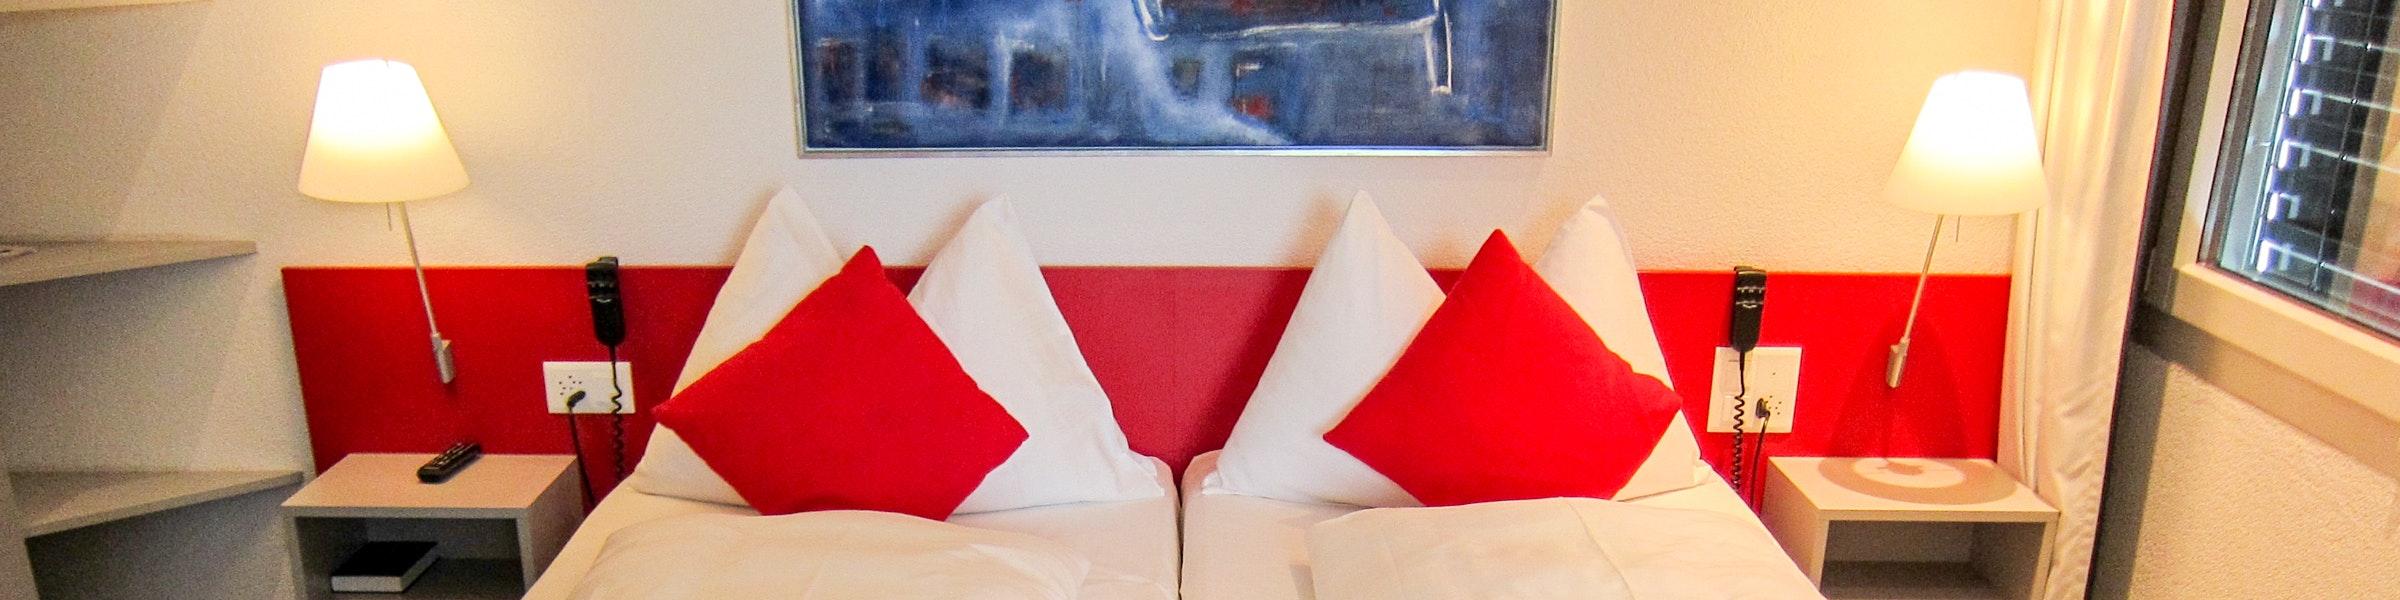 Hotel bed in Switzerland